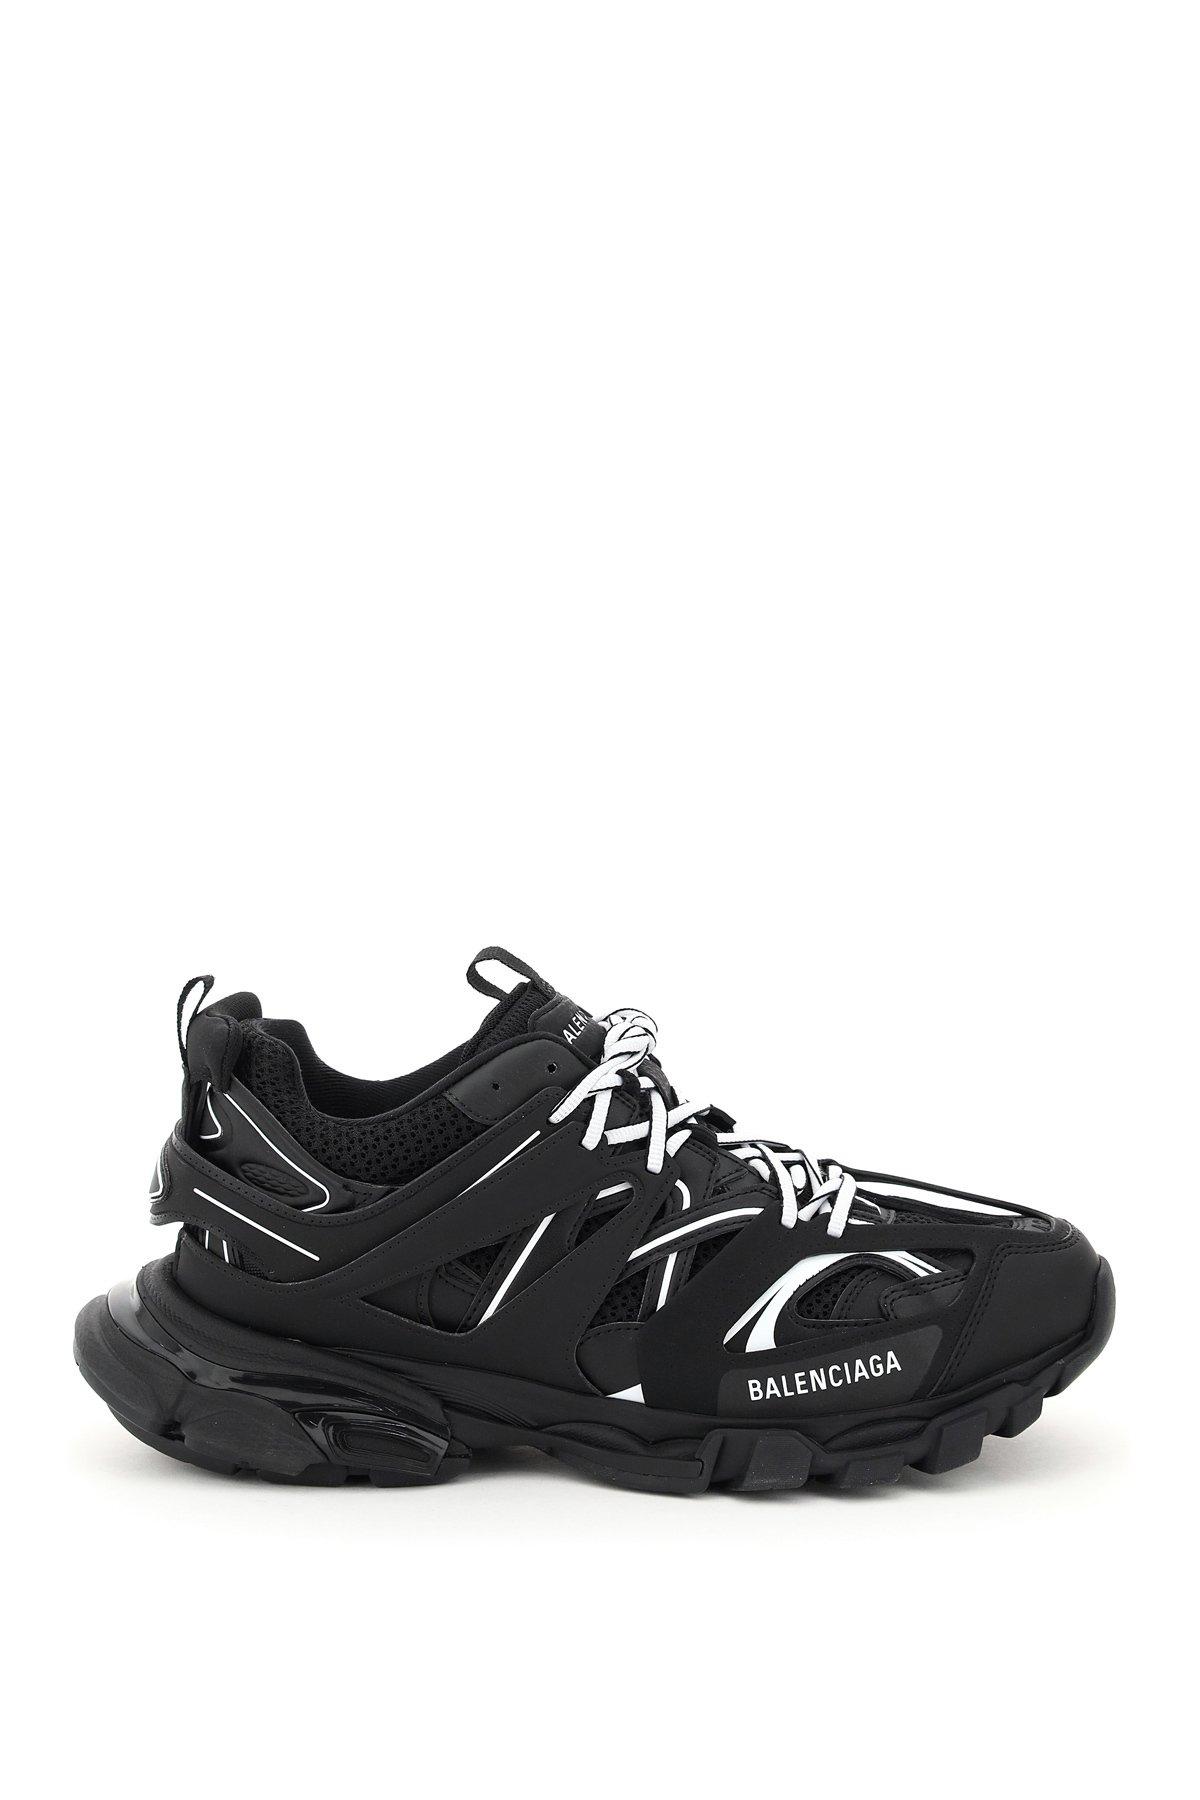 Balenciaga sneaker track